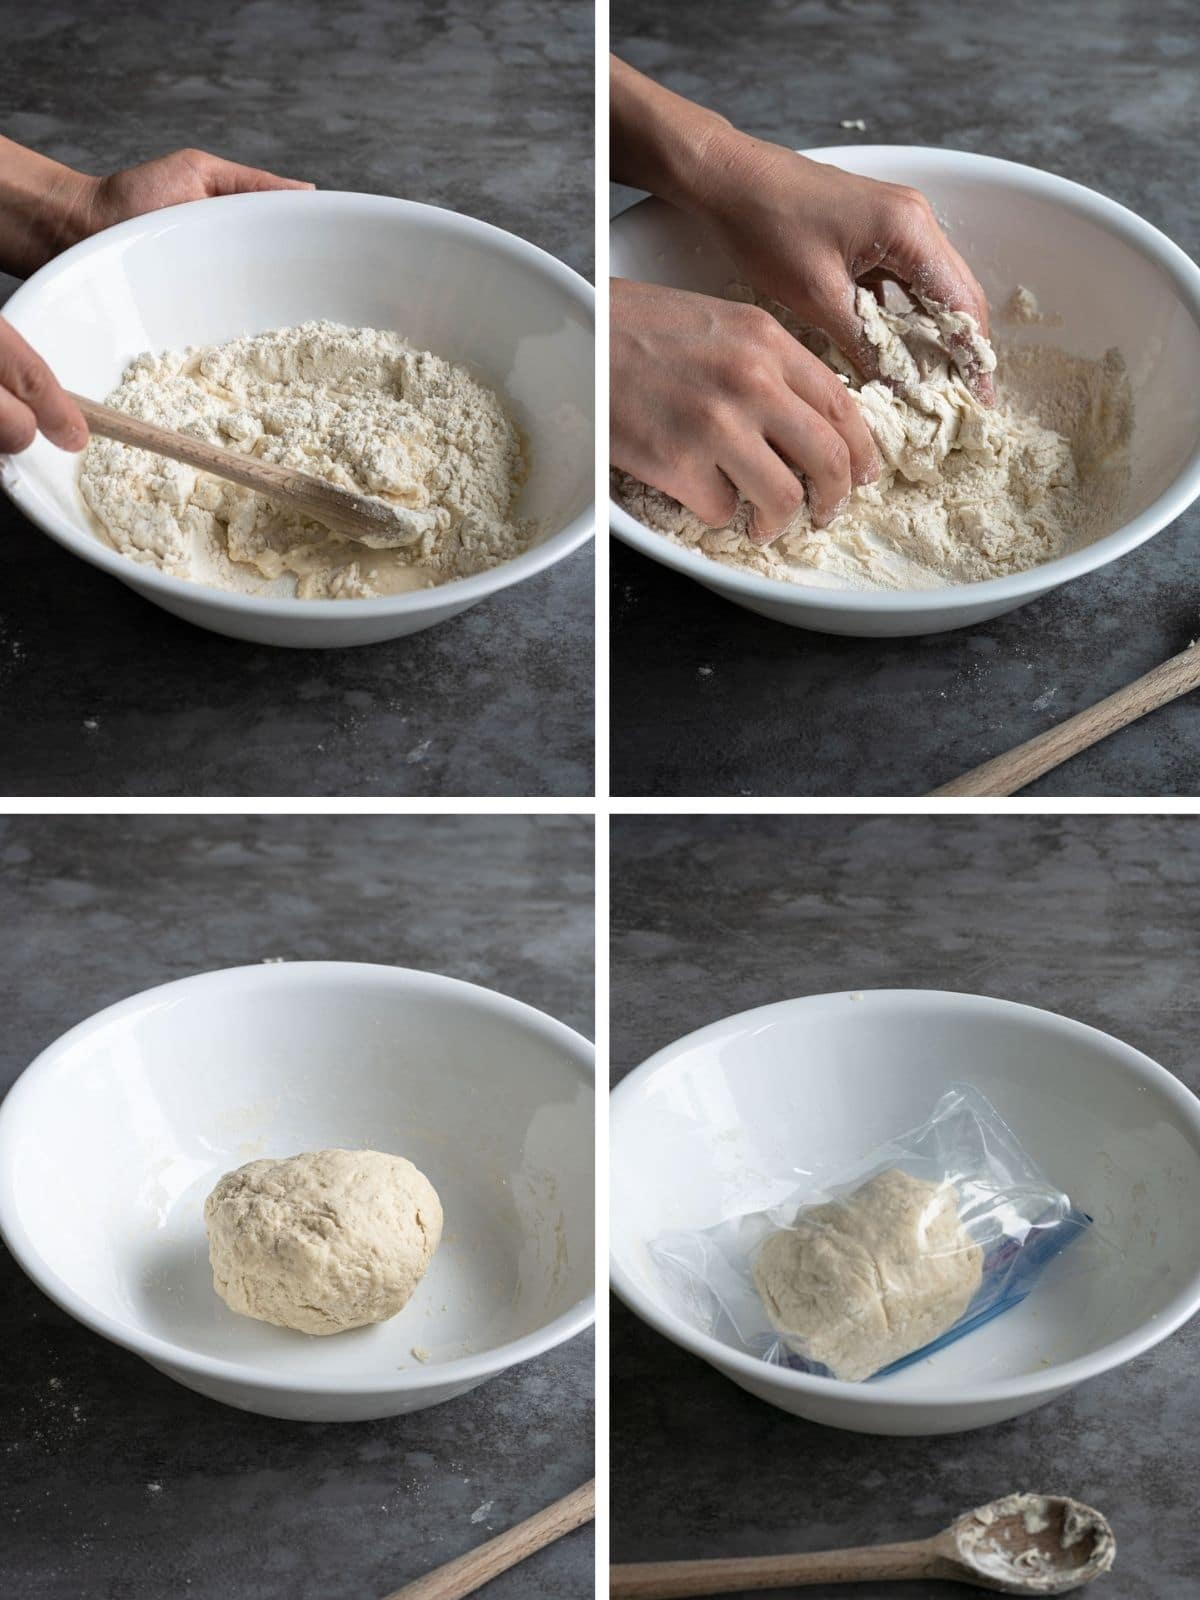 Making noodle dough process shot.